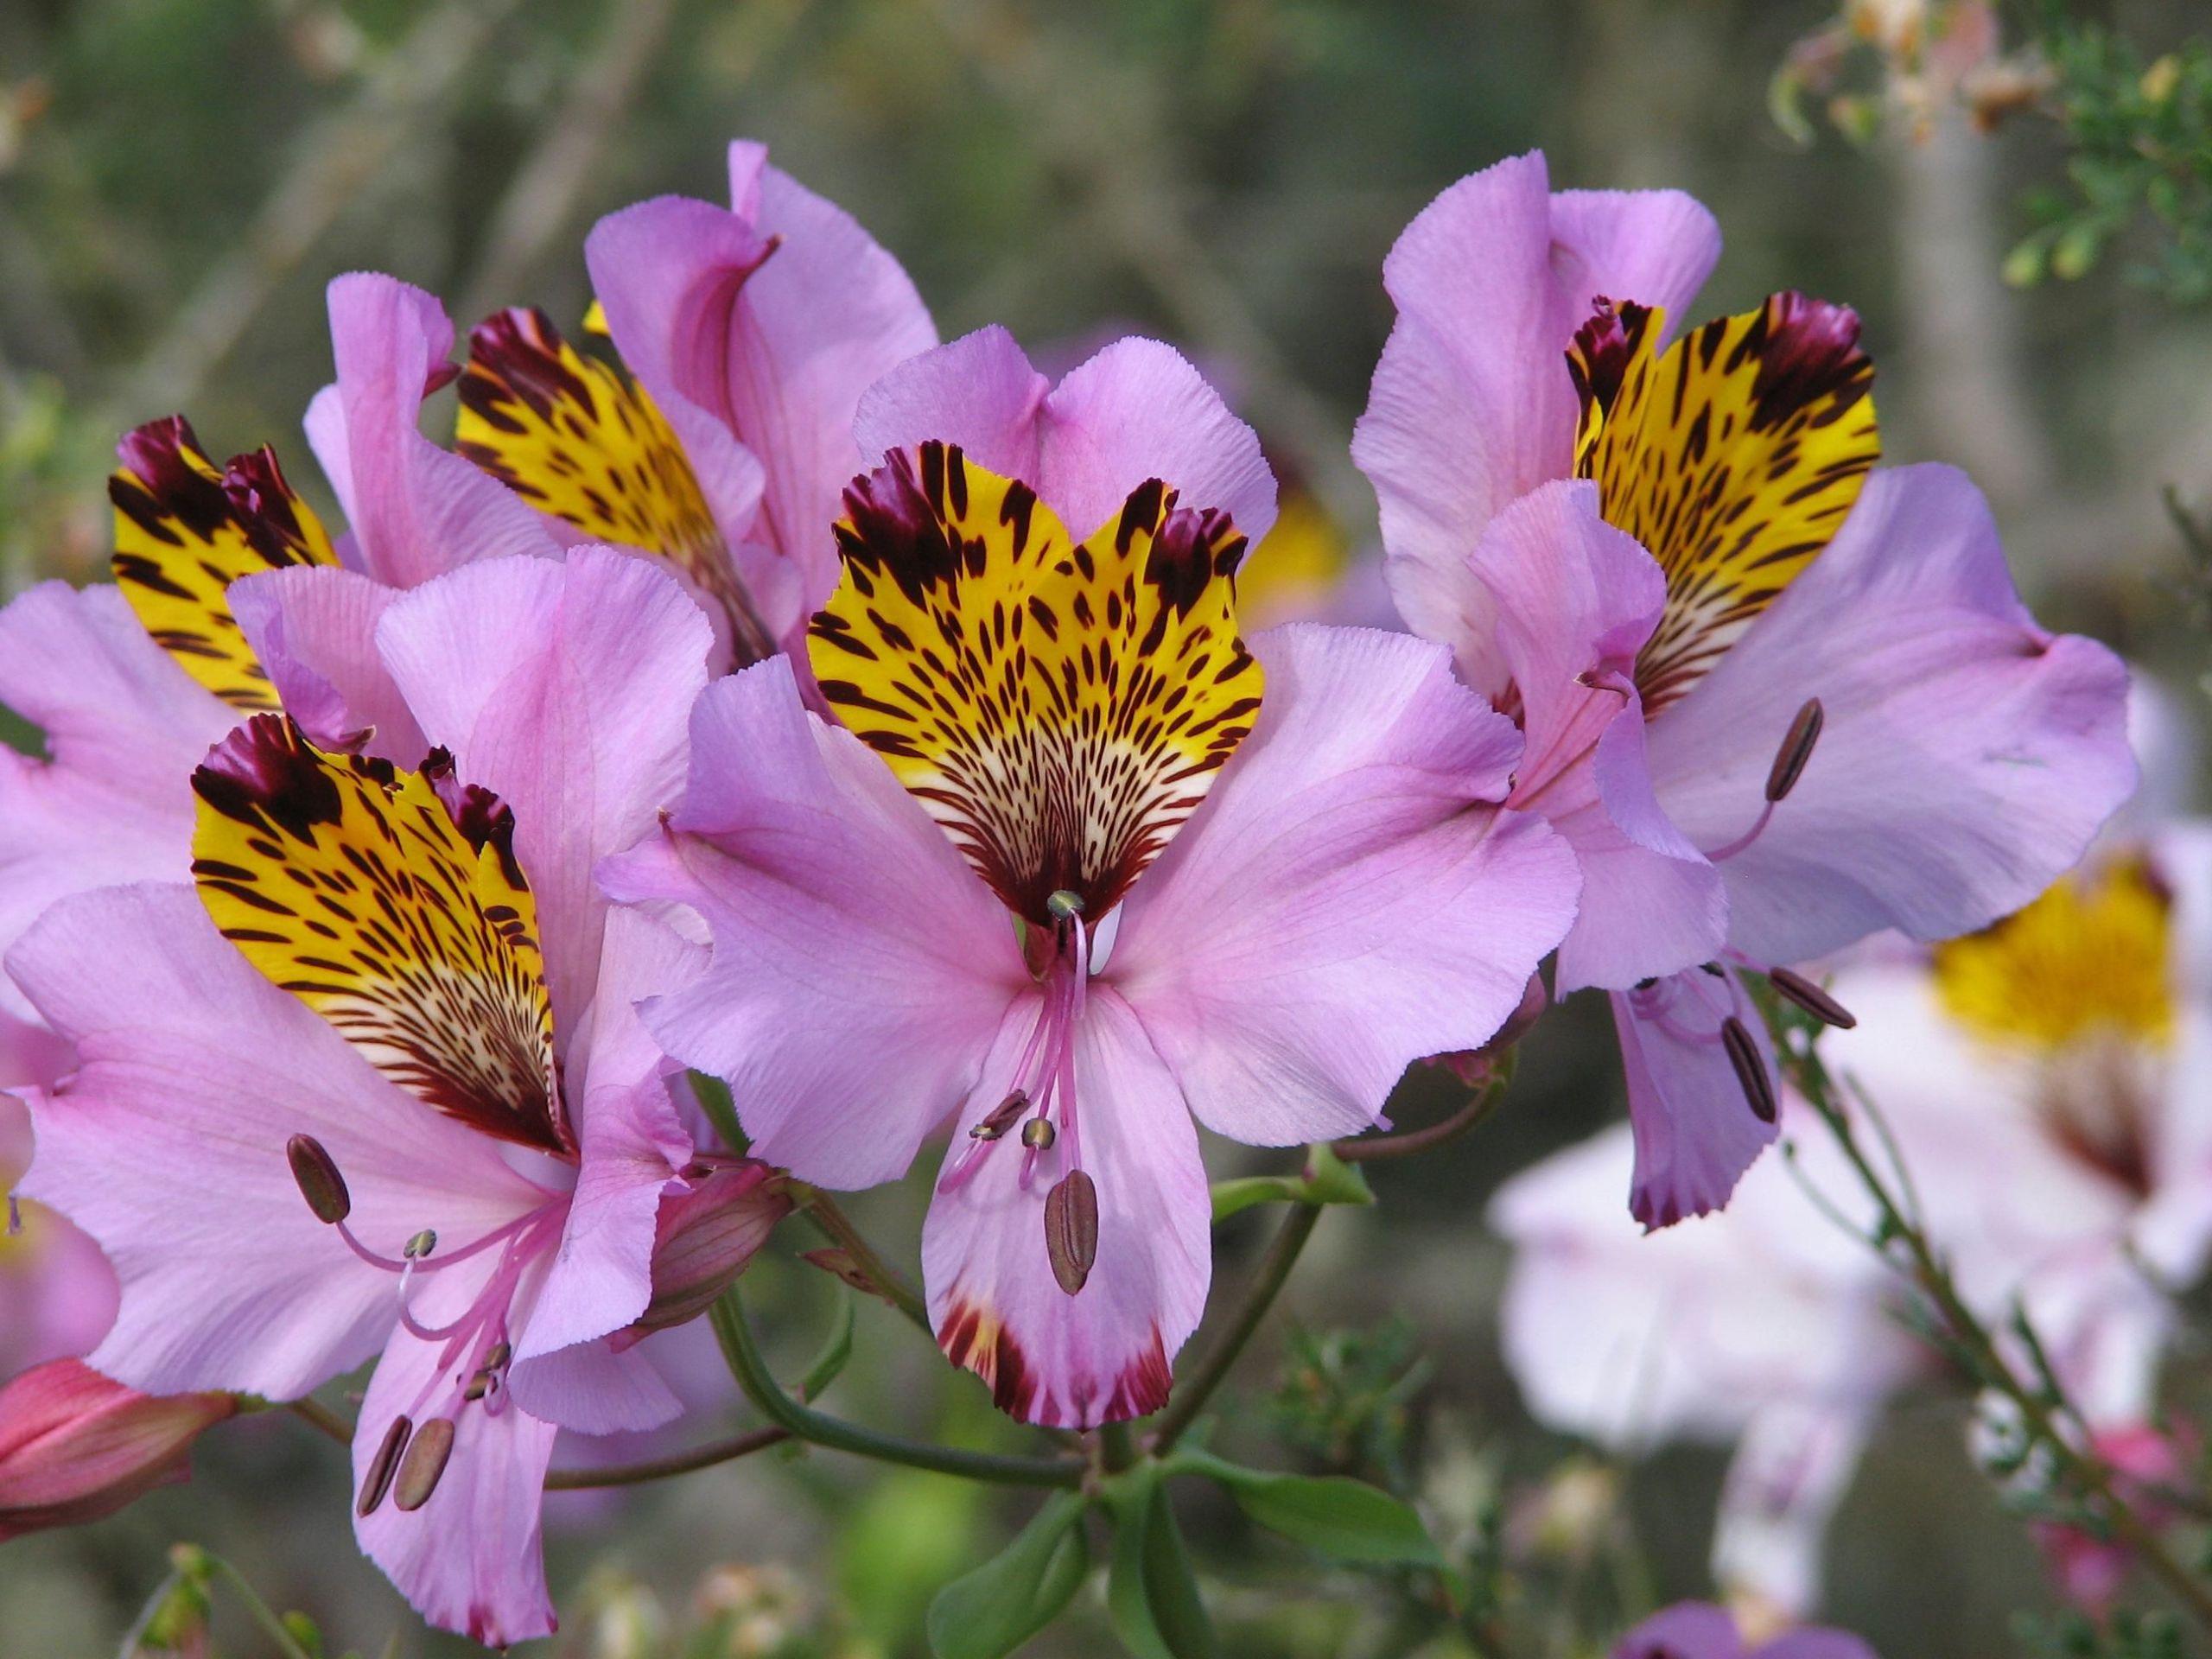 Beetbepflanzung Ideen Schön Alstroemeria Magnifica Herb Ssp Magnifica